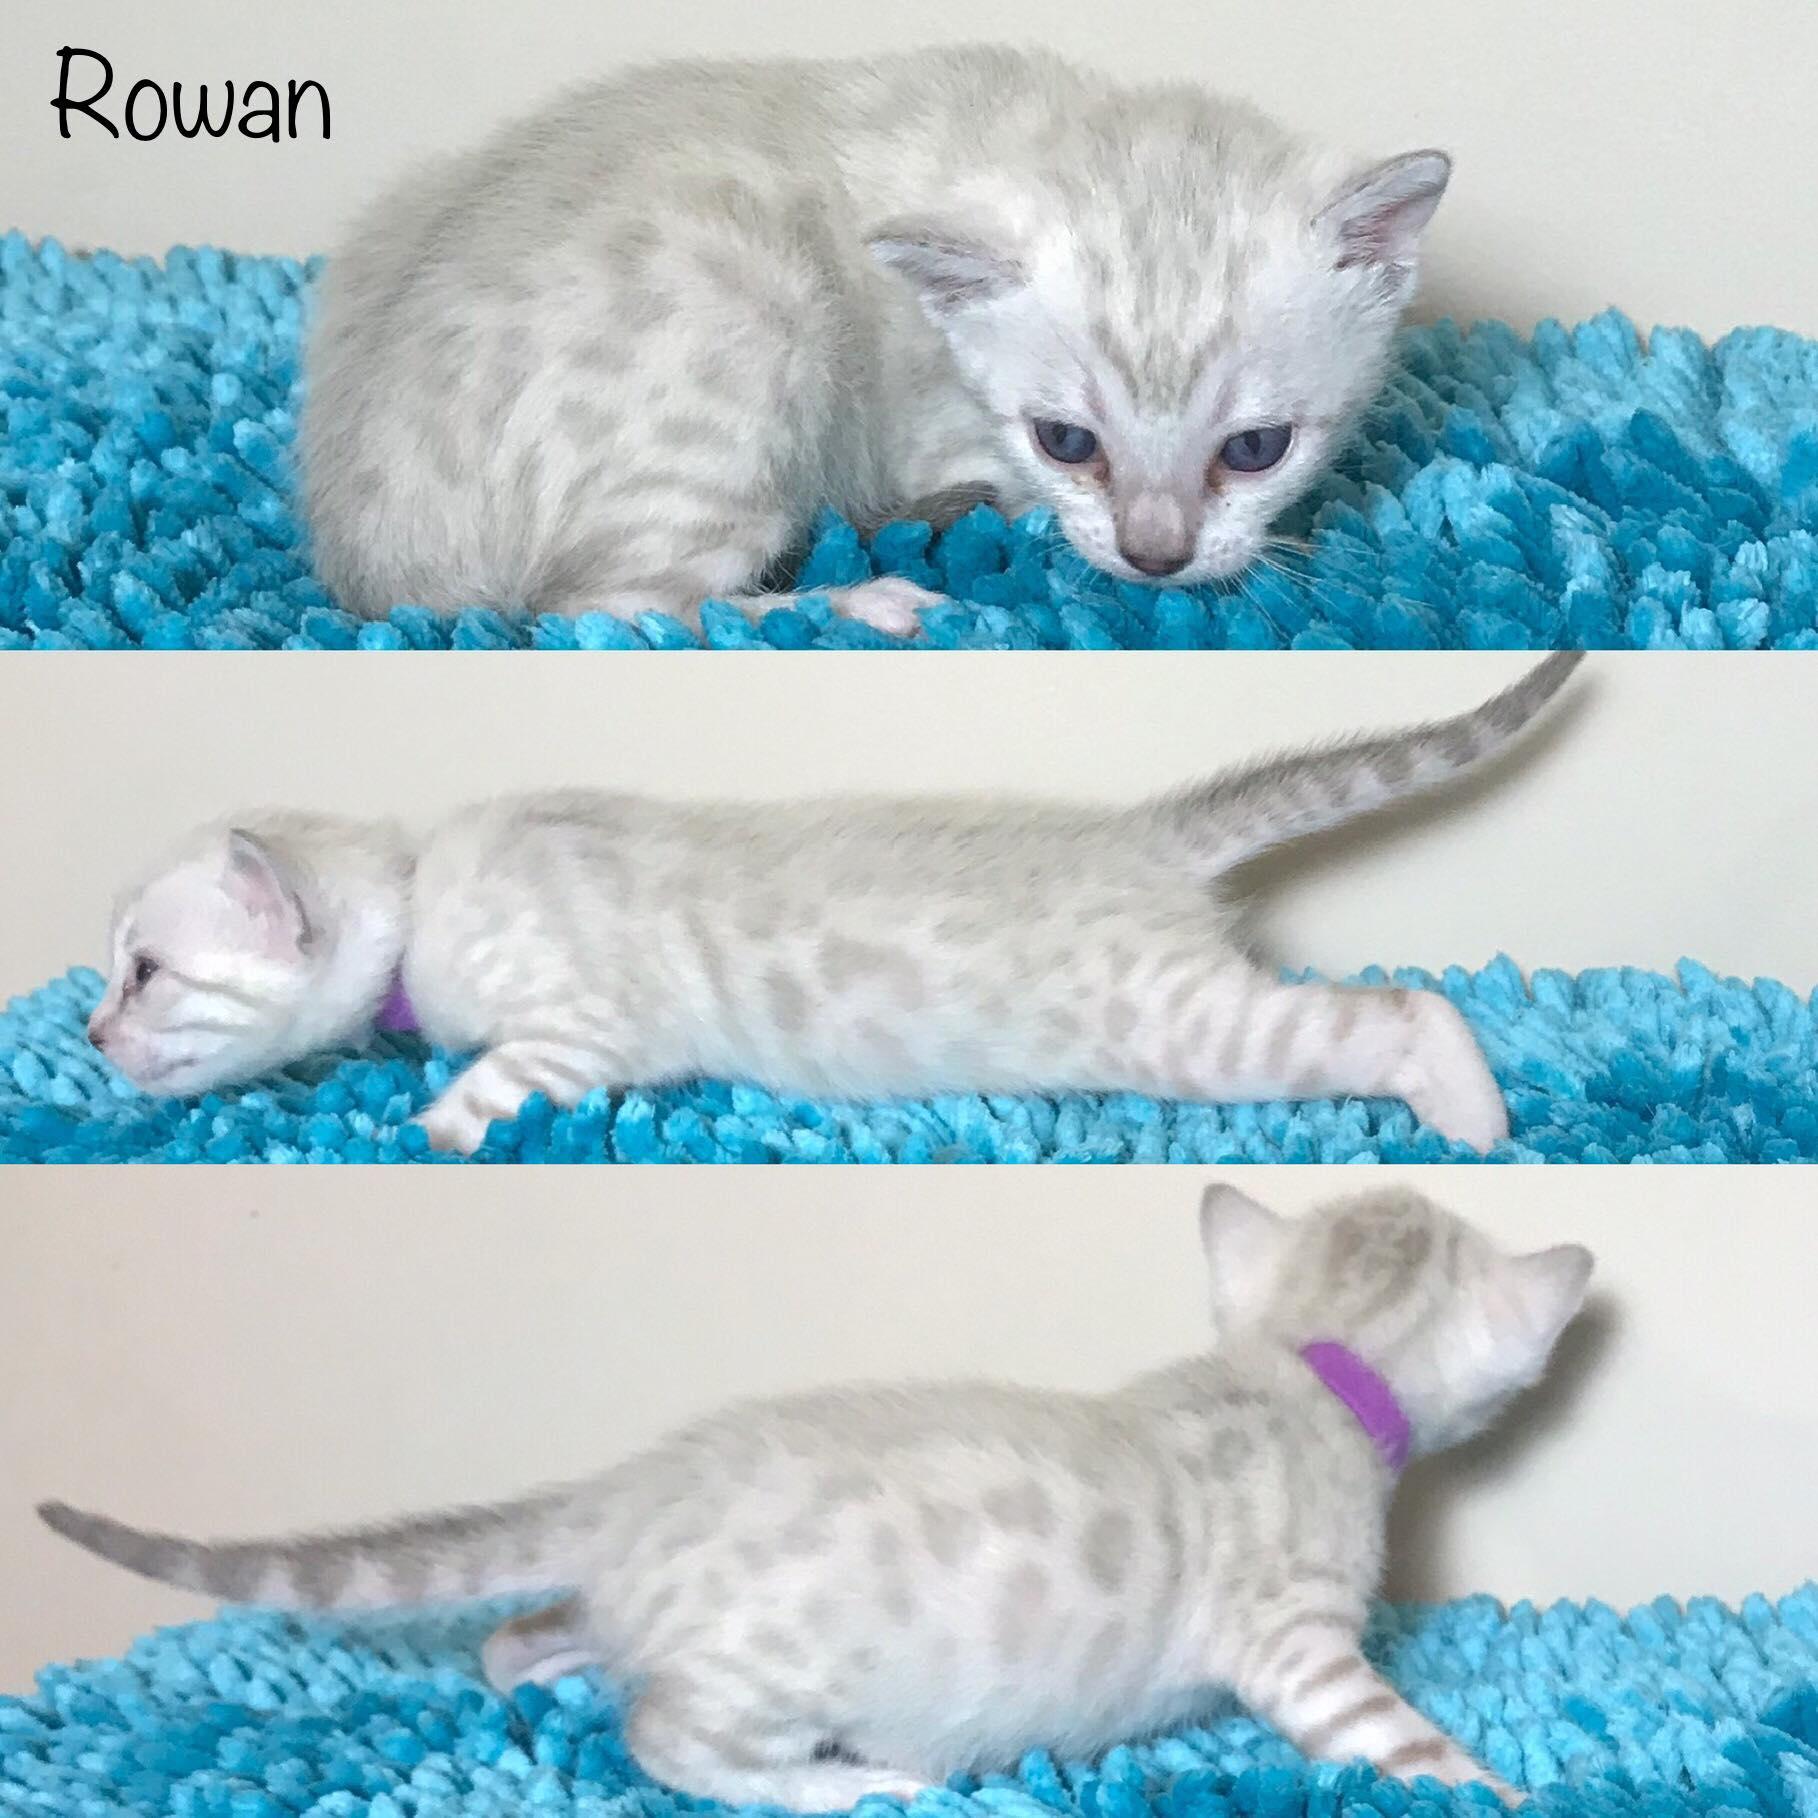 Rowan 3 weeks